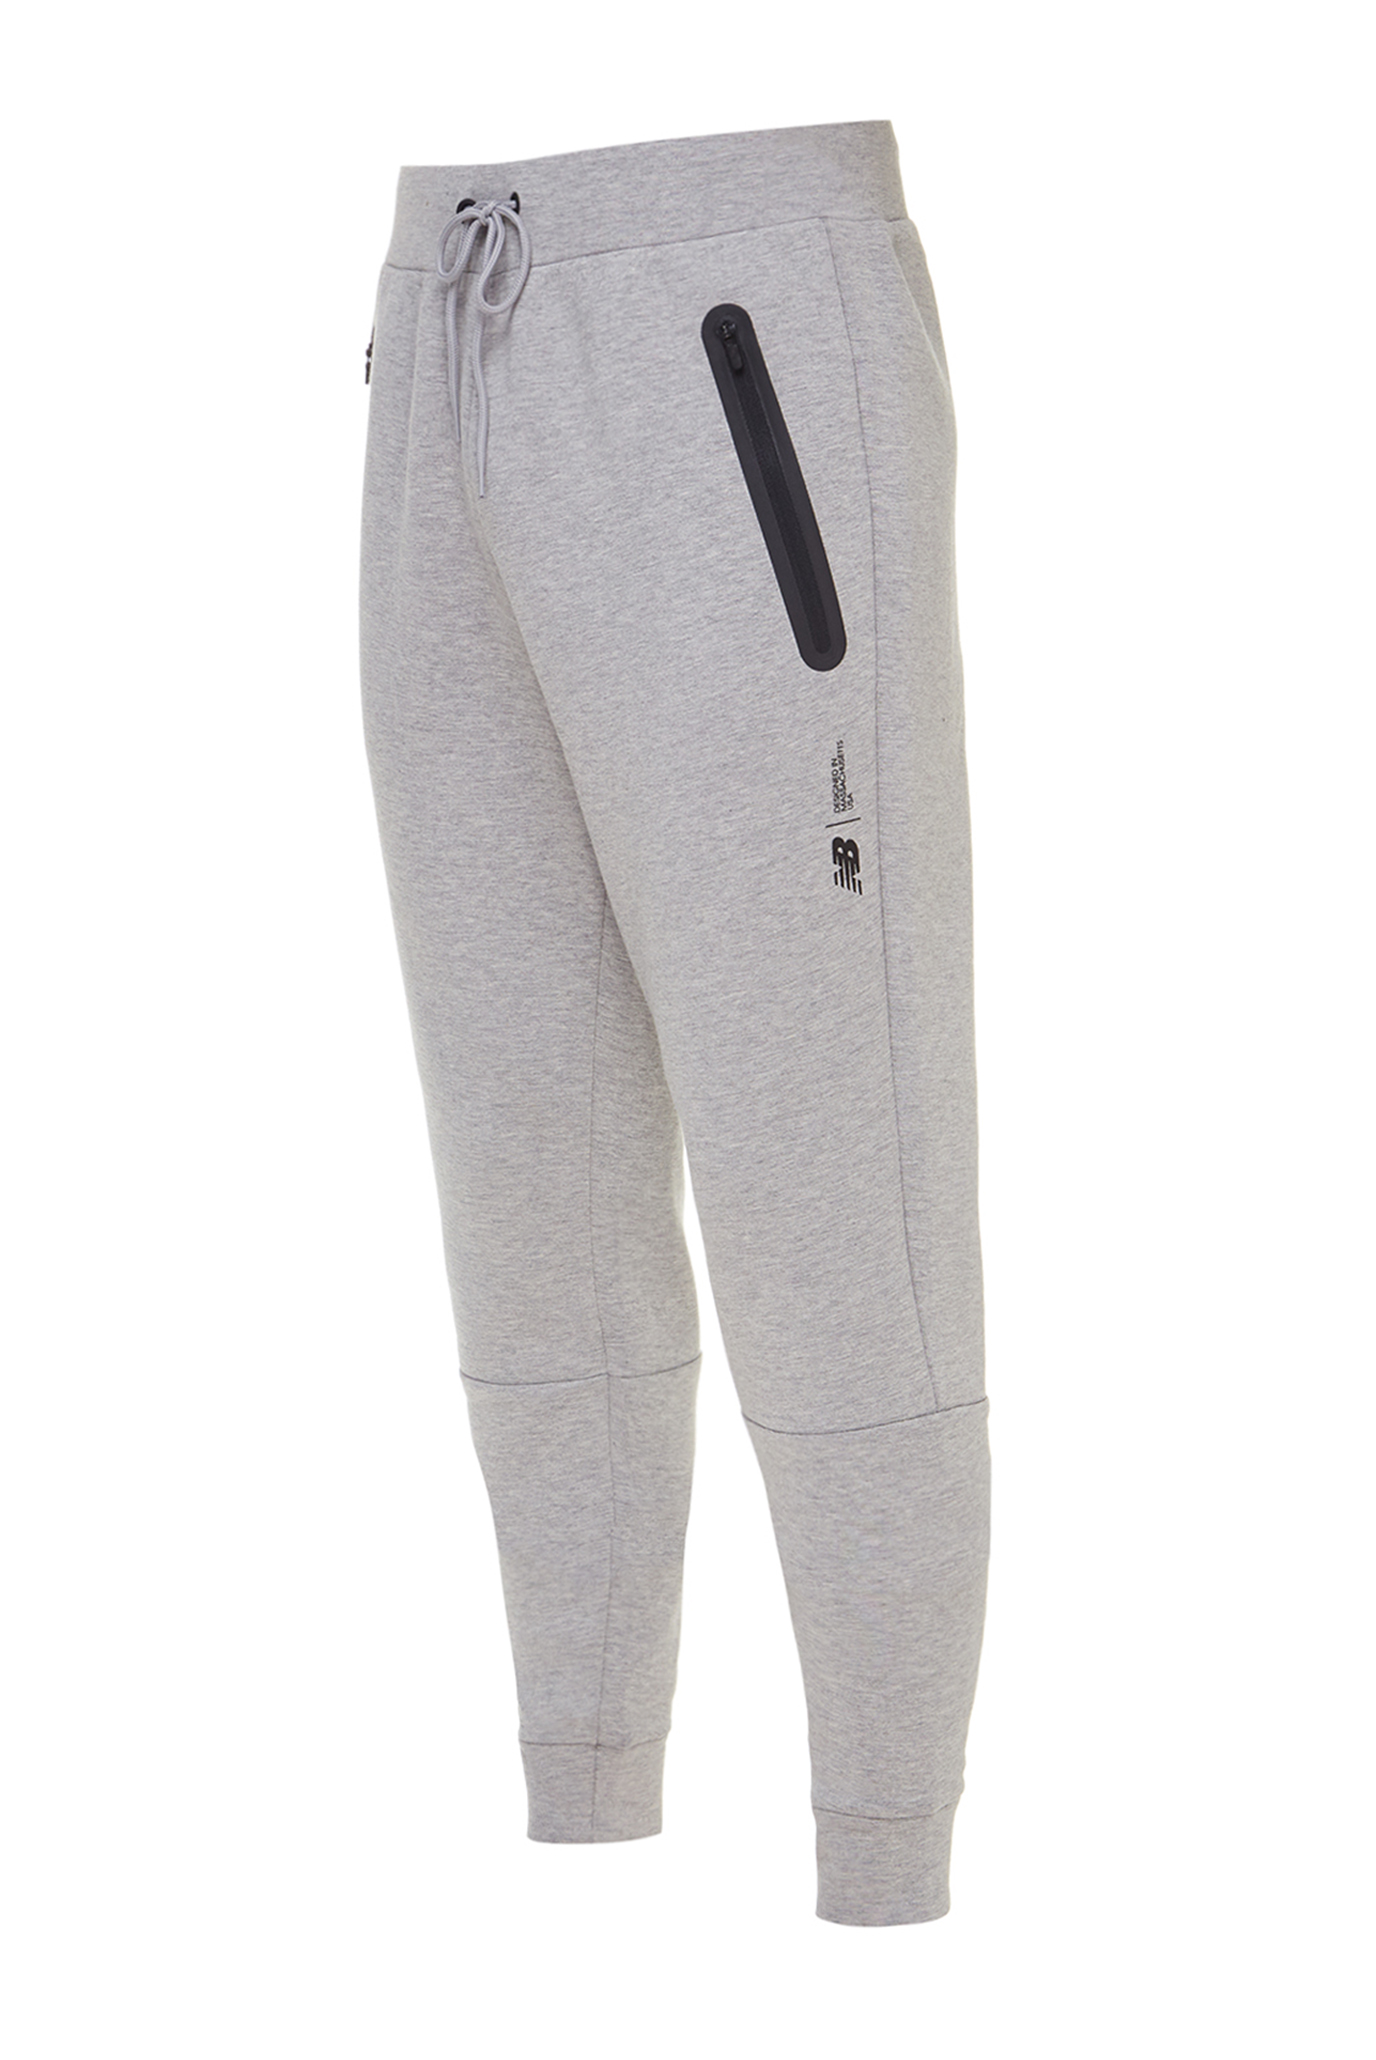 Чоловічі сірі спортивні штани  Fortitech Fleece 1